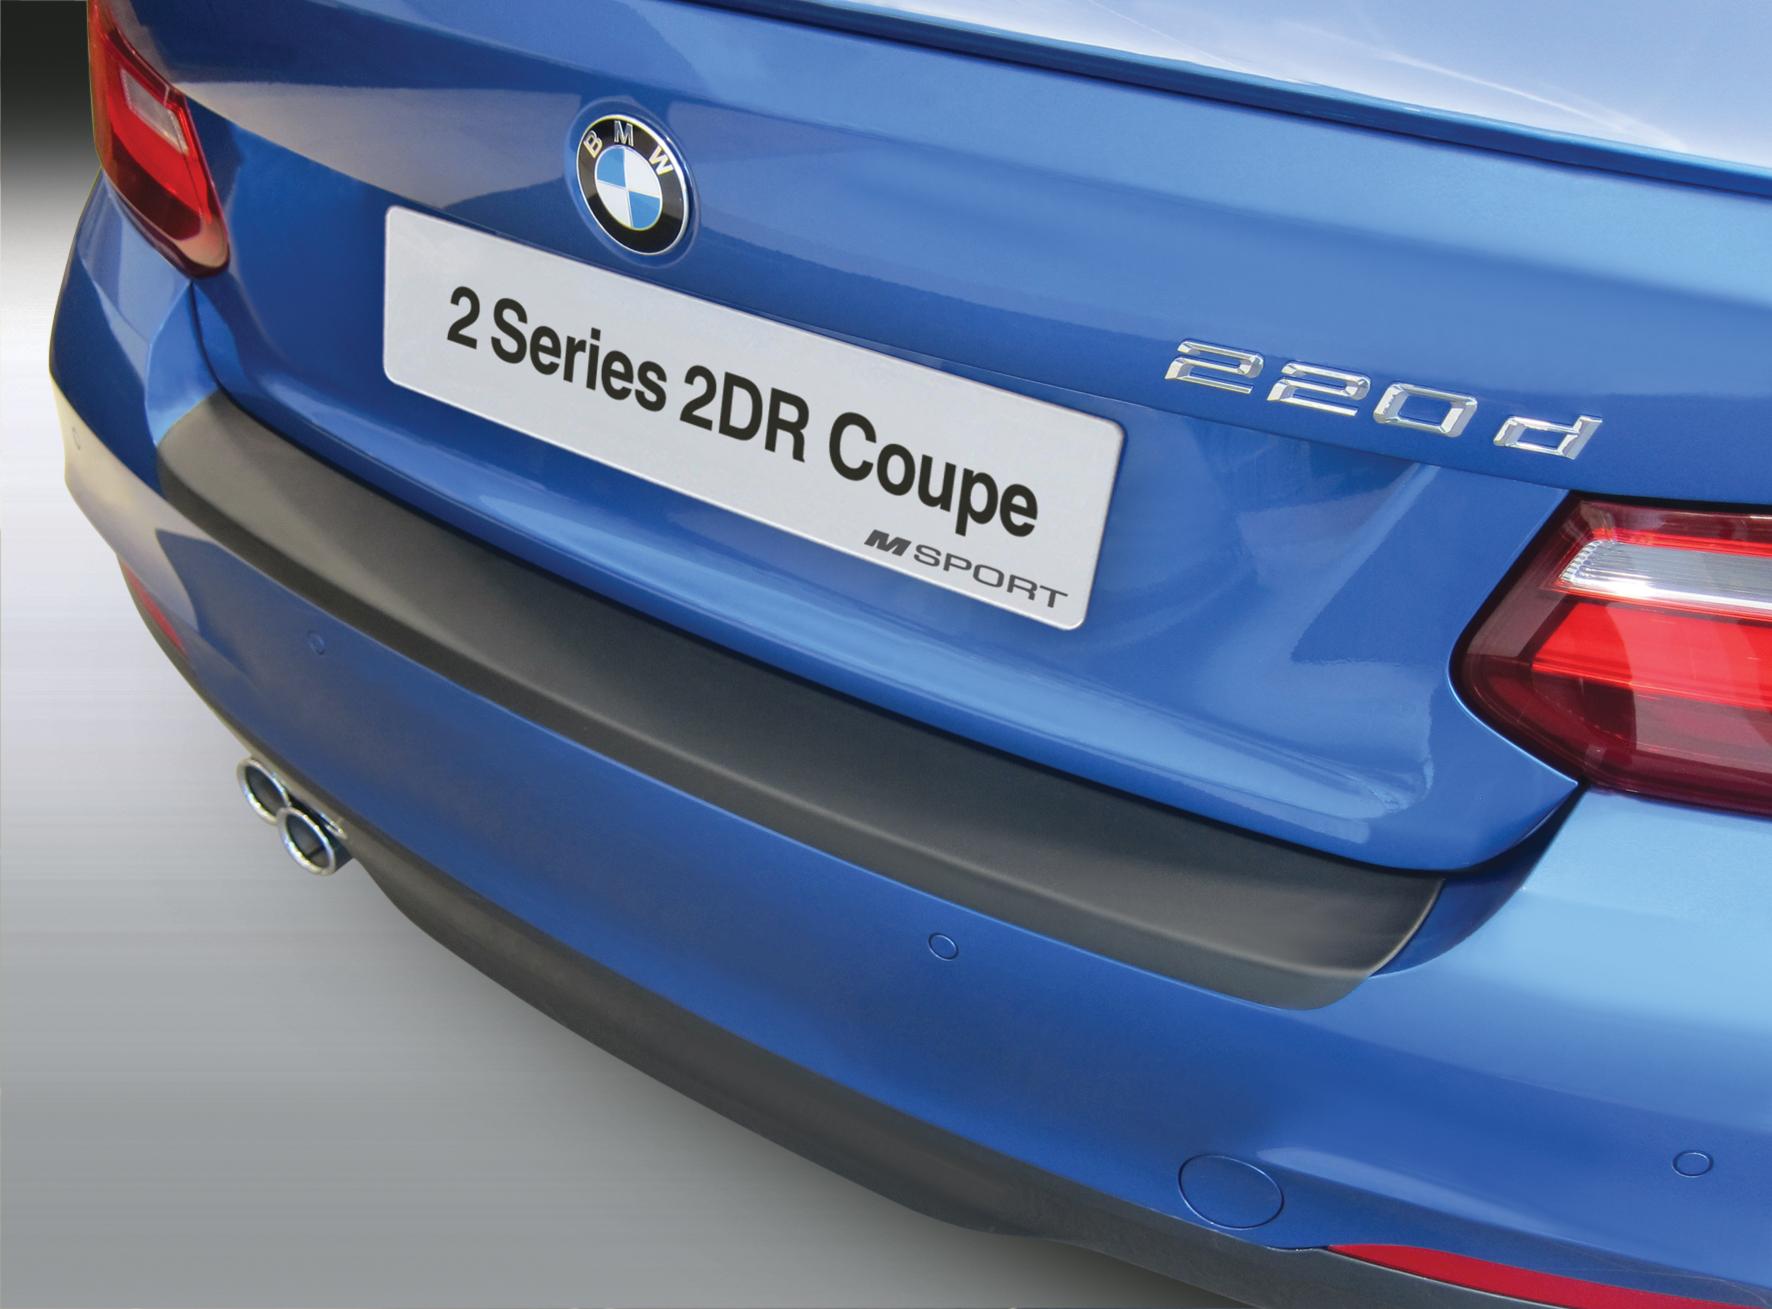 Накладка на задний бампер BMW 2 серии M Sport, 2-дв. купе, кузов F22, 2015-2018